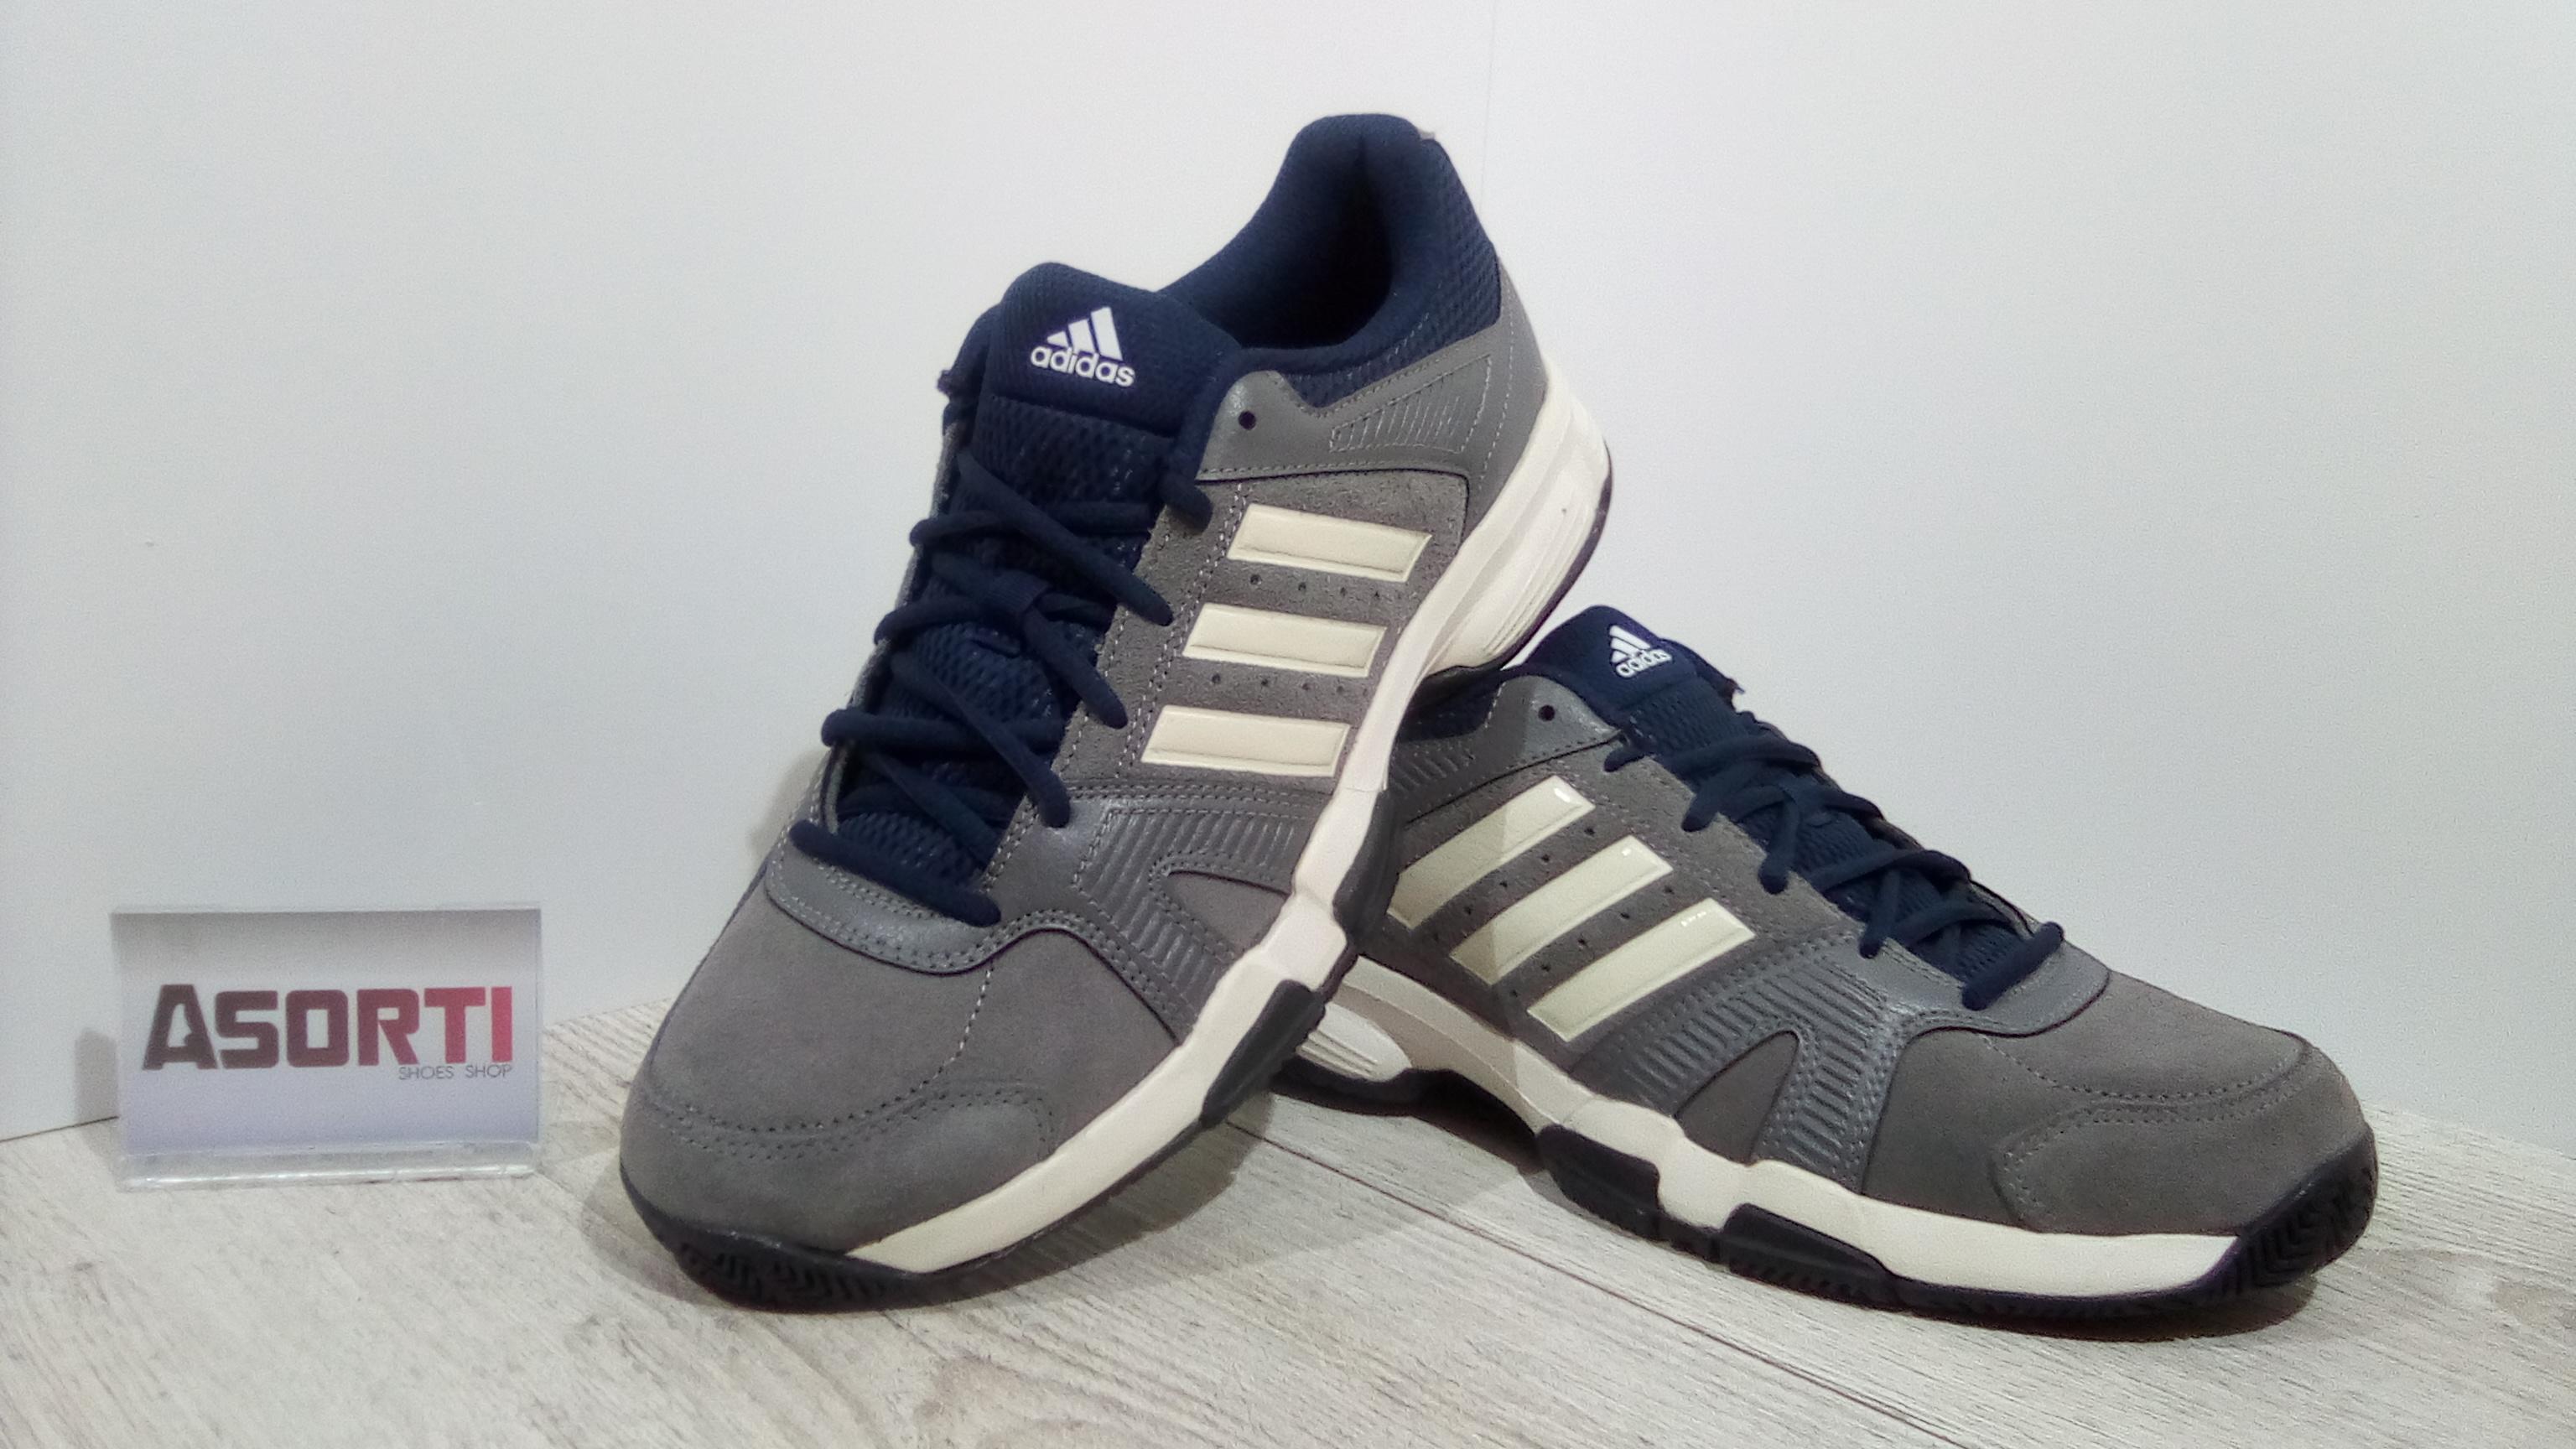 Чоловічі кросівки Adidas Barracks F10 (B40214) сірі купити в Україні ... eb6eac17f3c2f